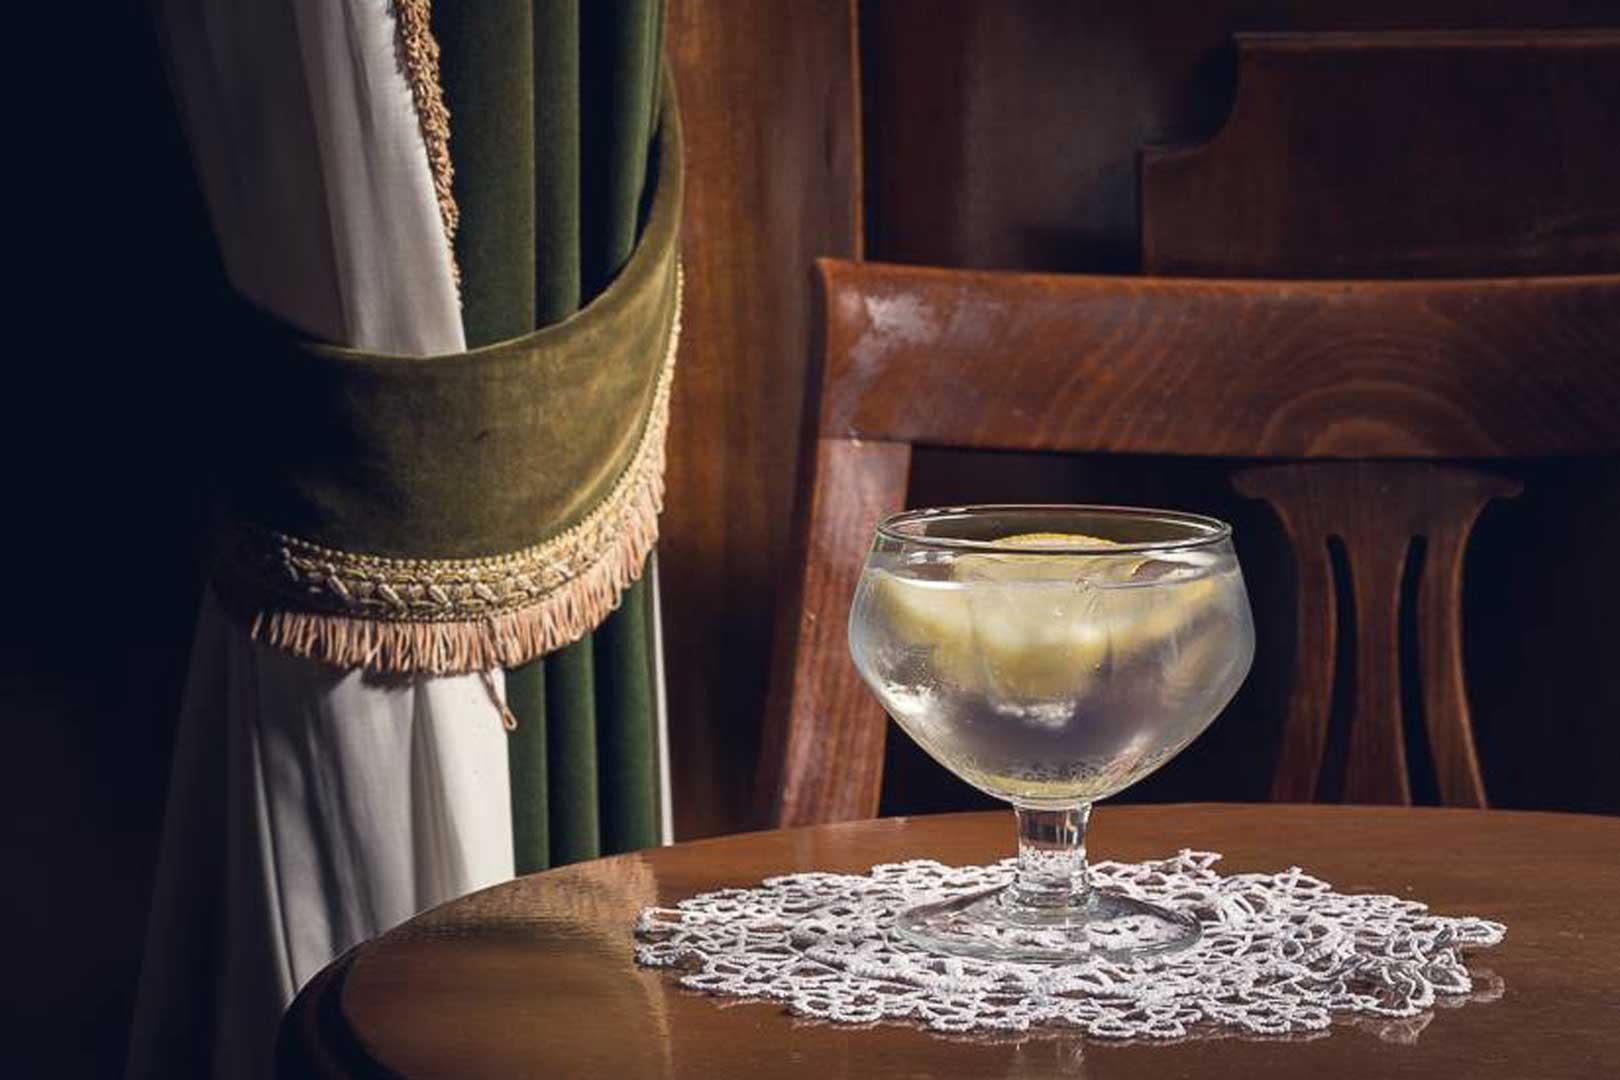 I 10 migliori cocktail bar in Porta Venezia - Bar Basso